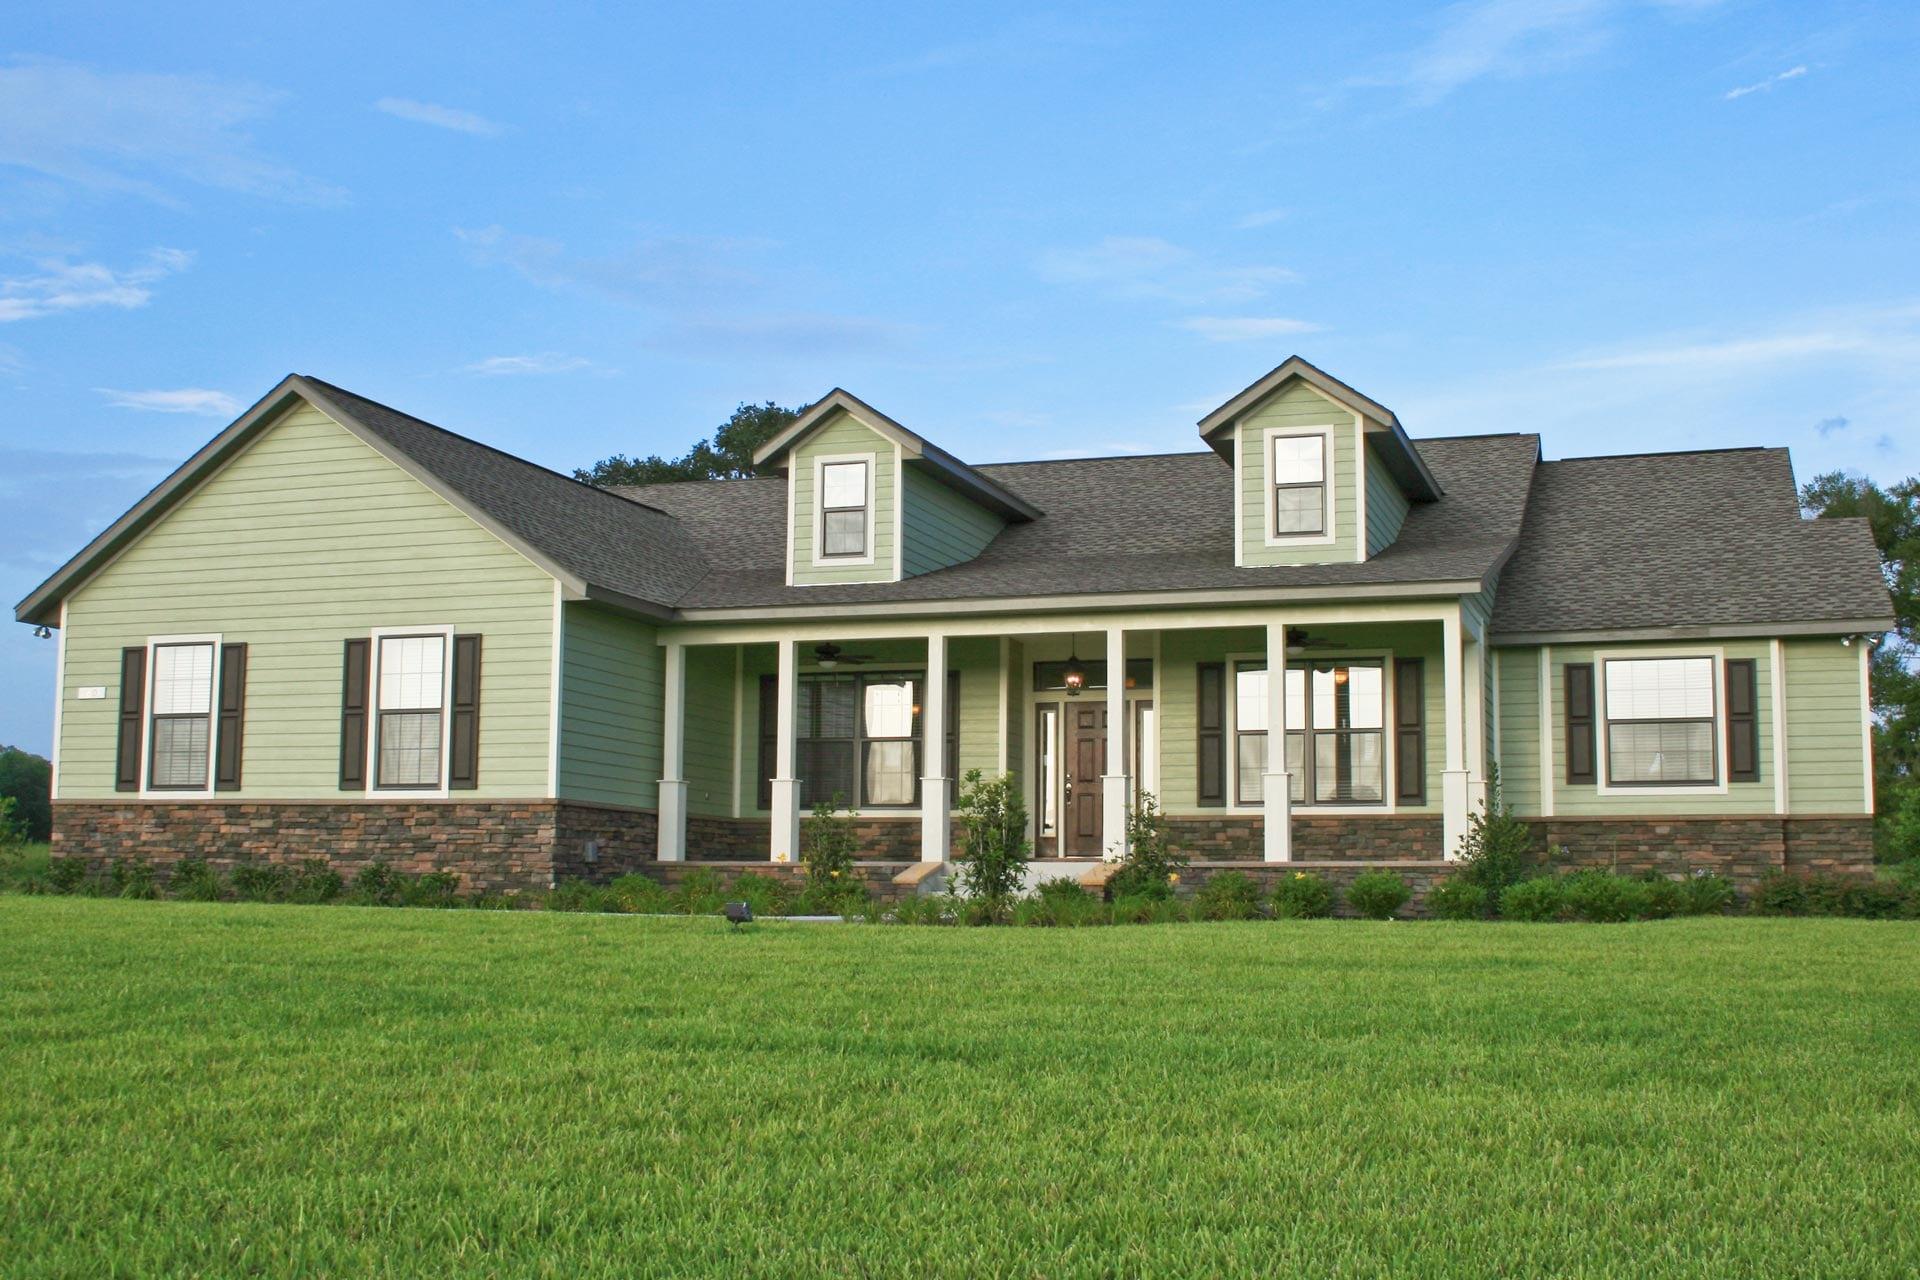 Wellington Country - Front Exterior - Curington Homes - Ocala Florida Contractor